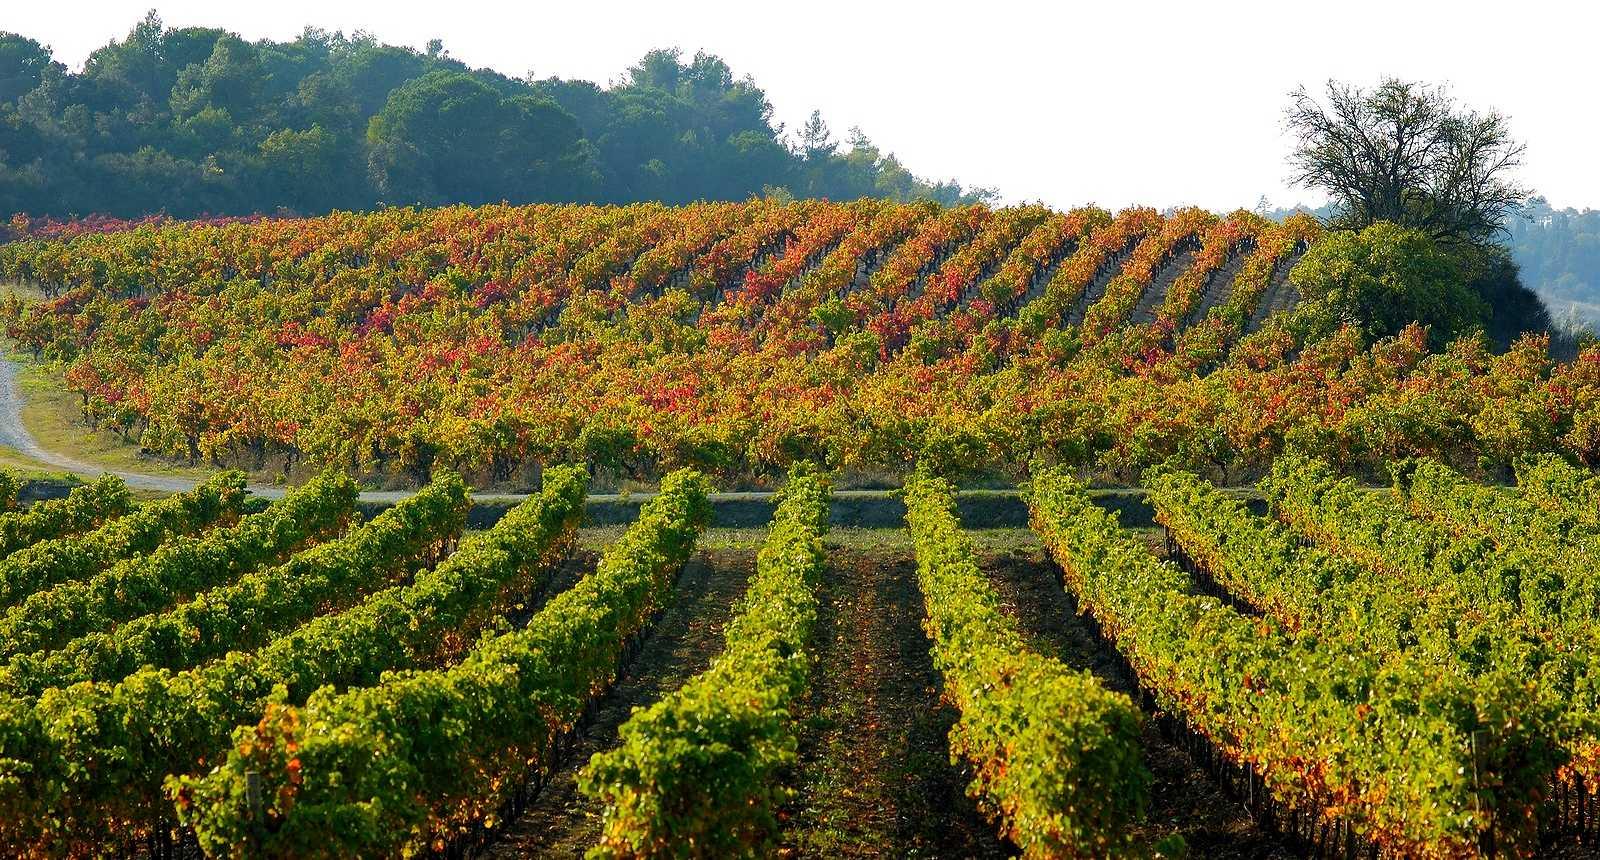 Le vignoble près de Carcassonne